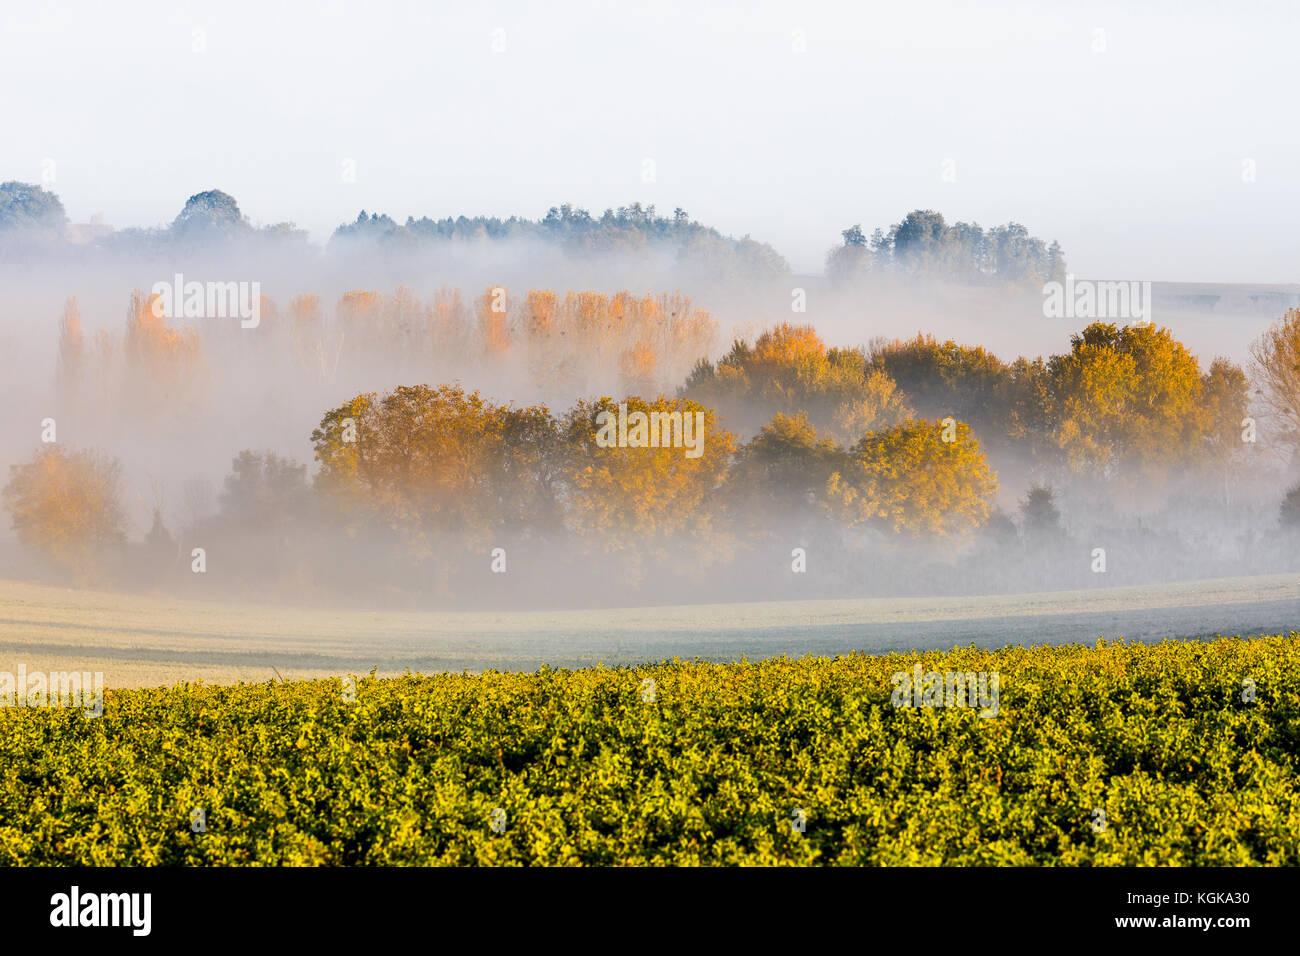 River mist hanging in landscape - France. - Stock Image